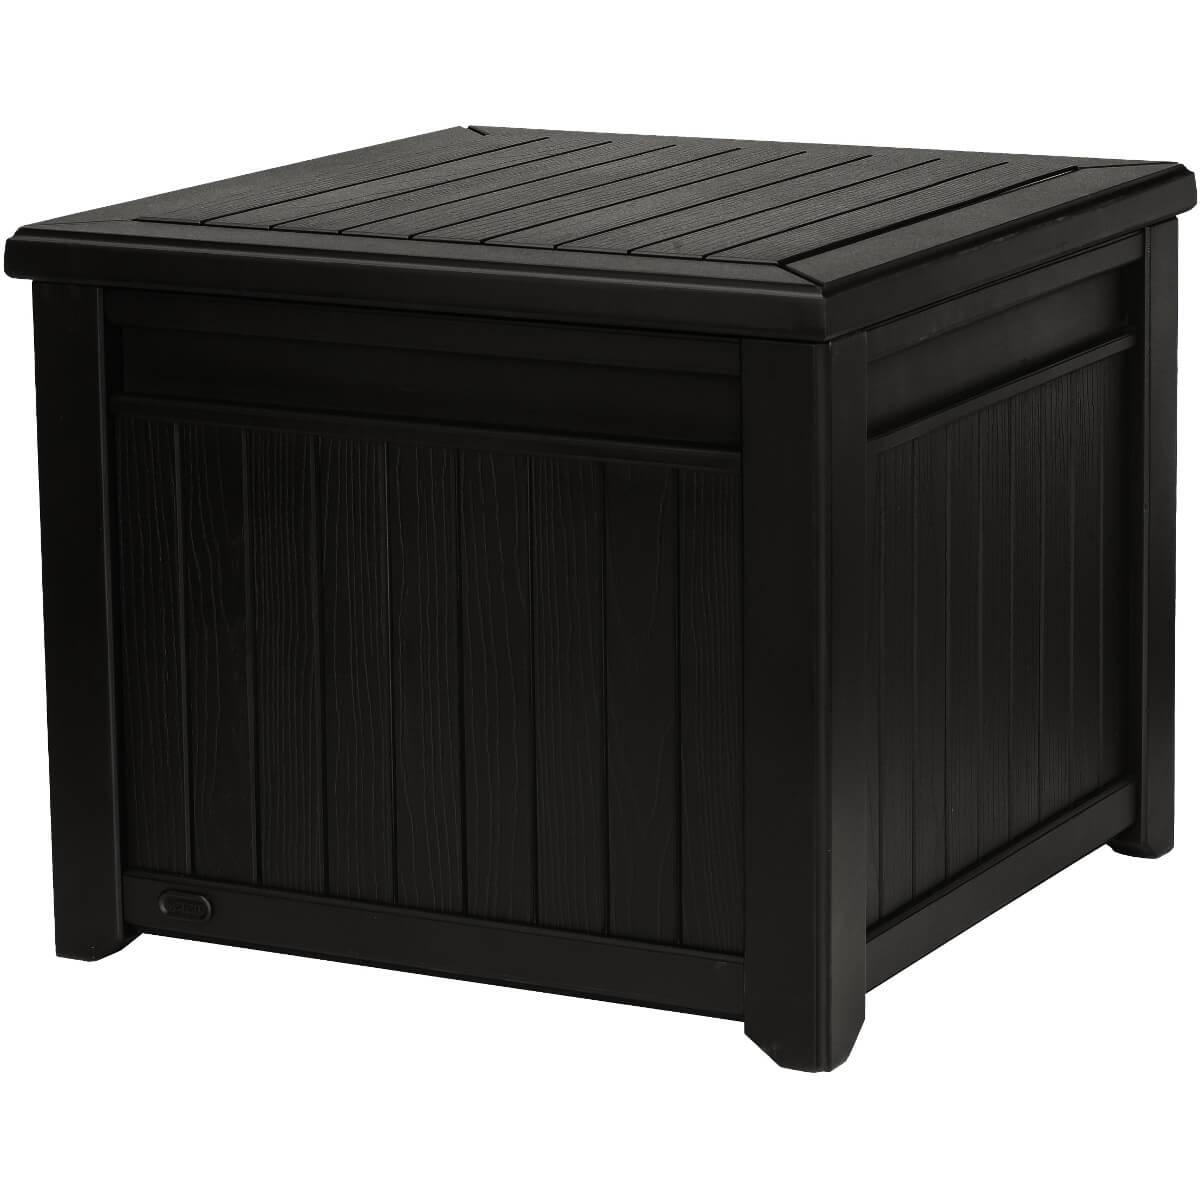 Стол-сундук Keter Cube Wood